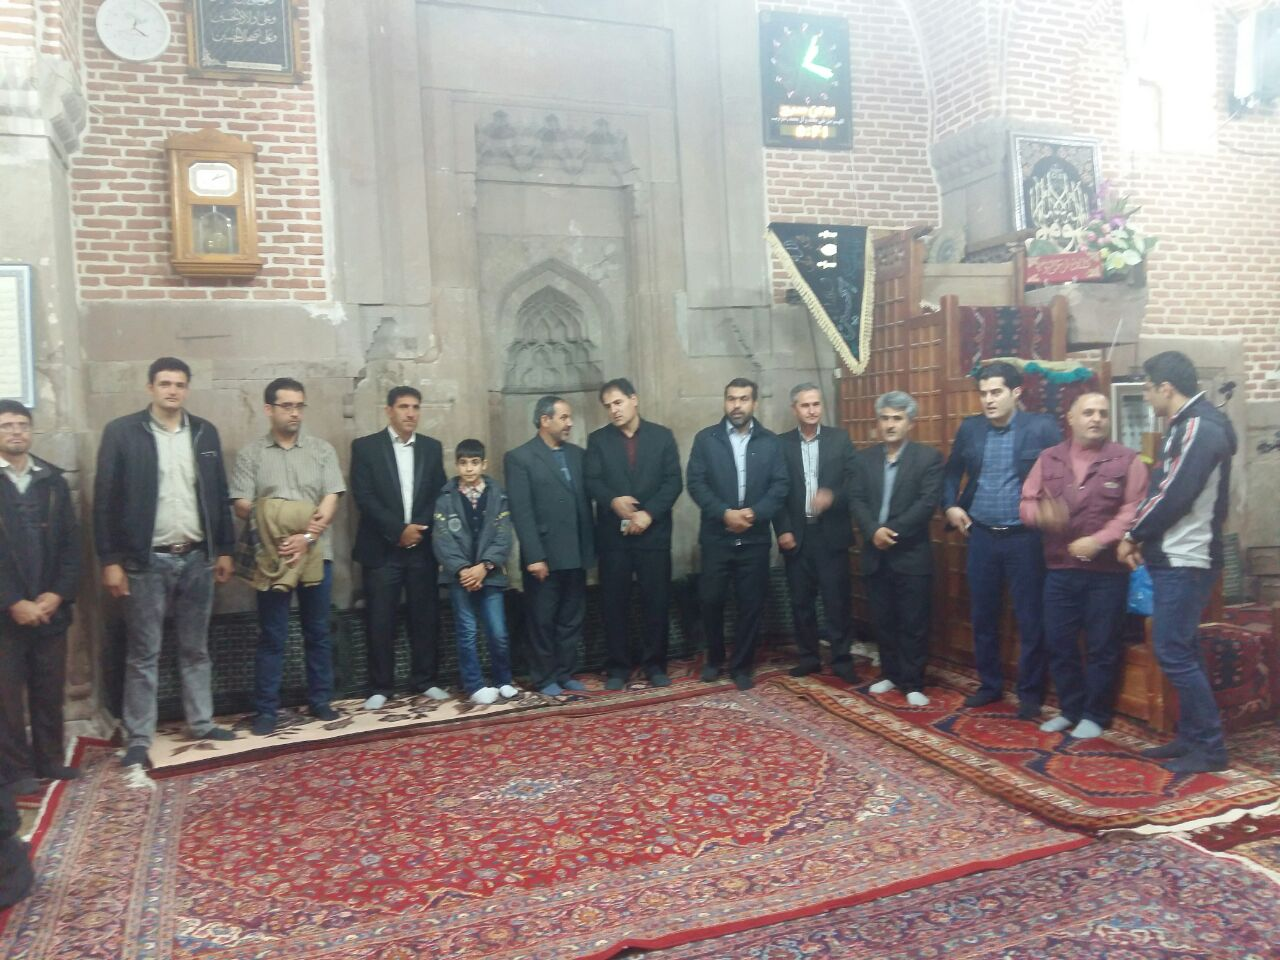 تور گردشگری نوروزی یک روزه شهر ترک